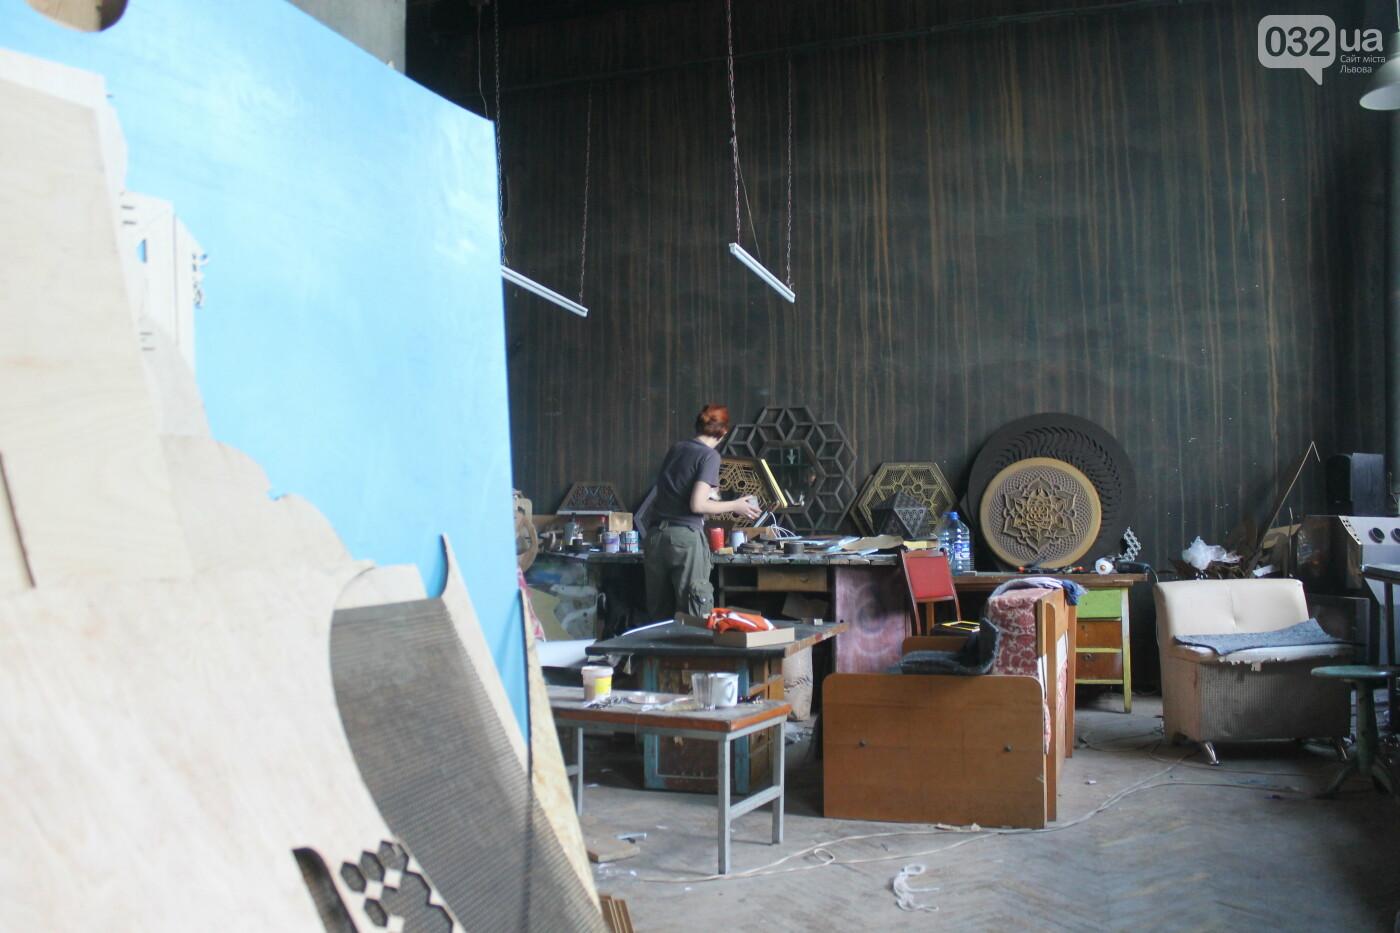 Один день із життя оновленого львівського заводу РЕМА, - ФОТОРЕПОРТАЖ, фото-41